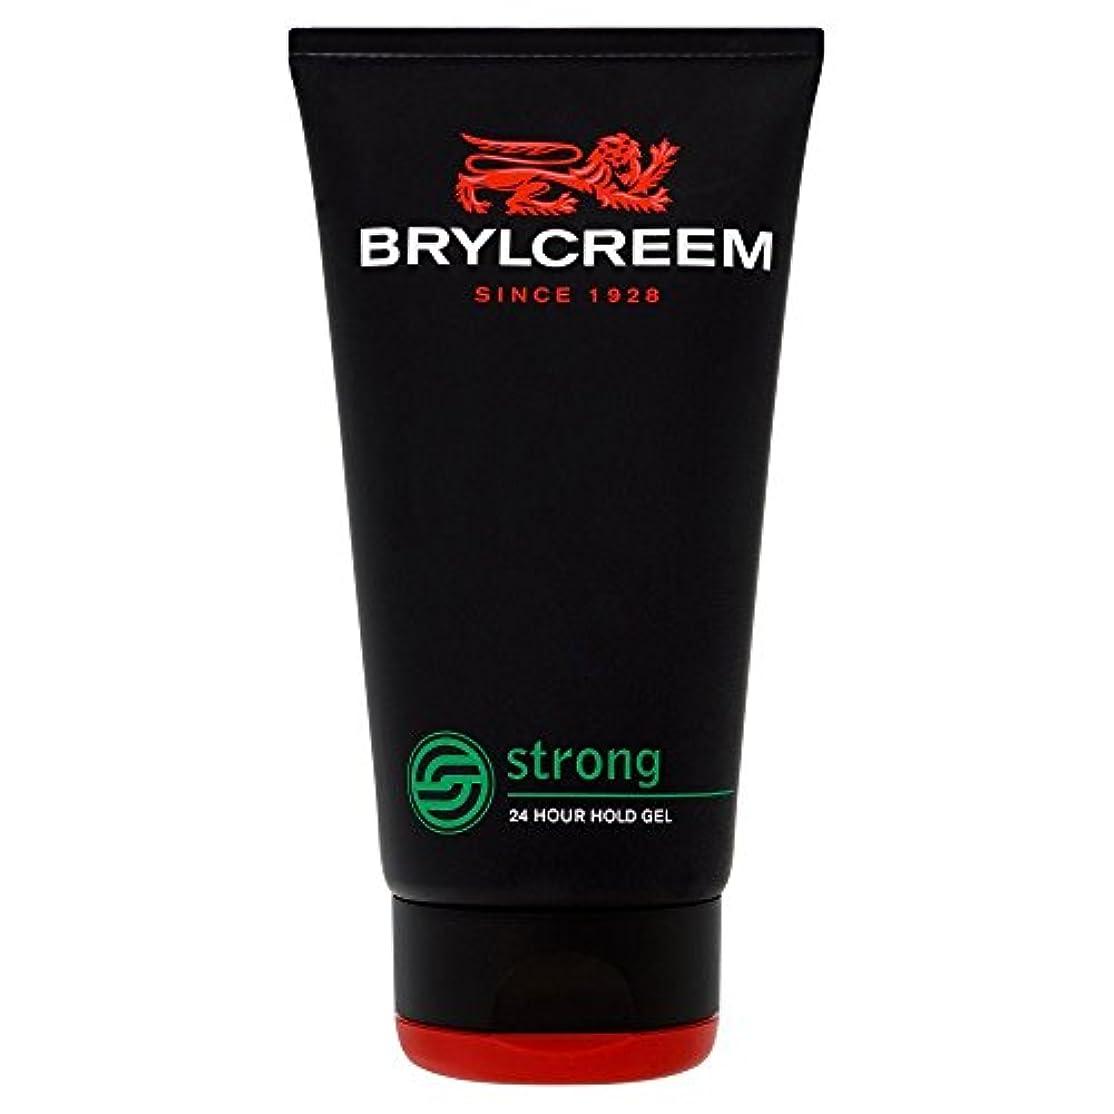 寛容な歩く歌詞Brylcreem Strong 24 Hour Hold Gel (150ml) Brylcreem強い24時間の保持ゲル( 150ミリリットル)